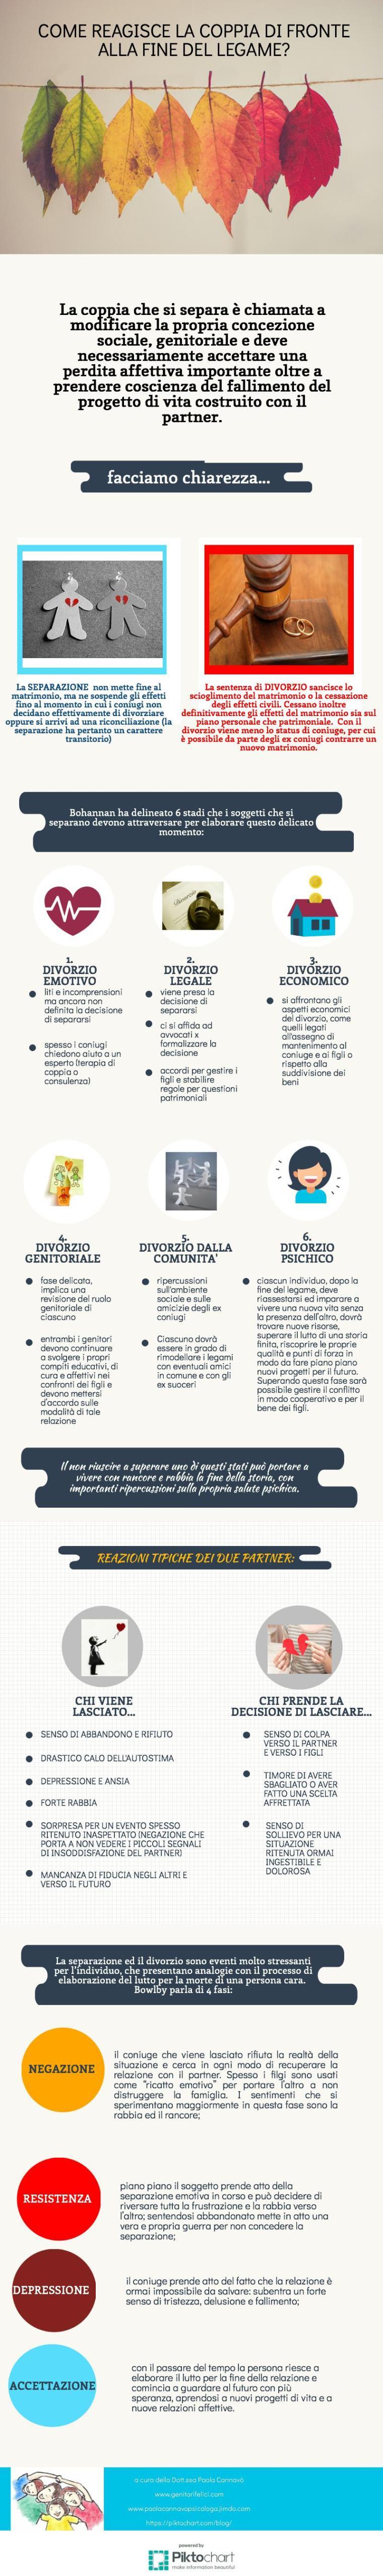 infografica-reazione-coniugi-a-fine-relazione